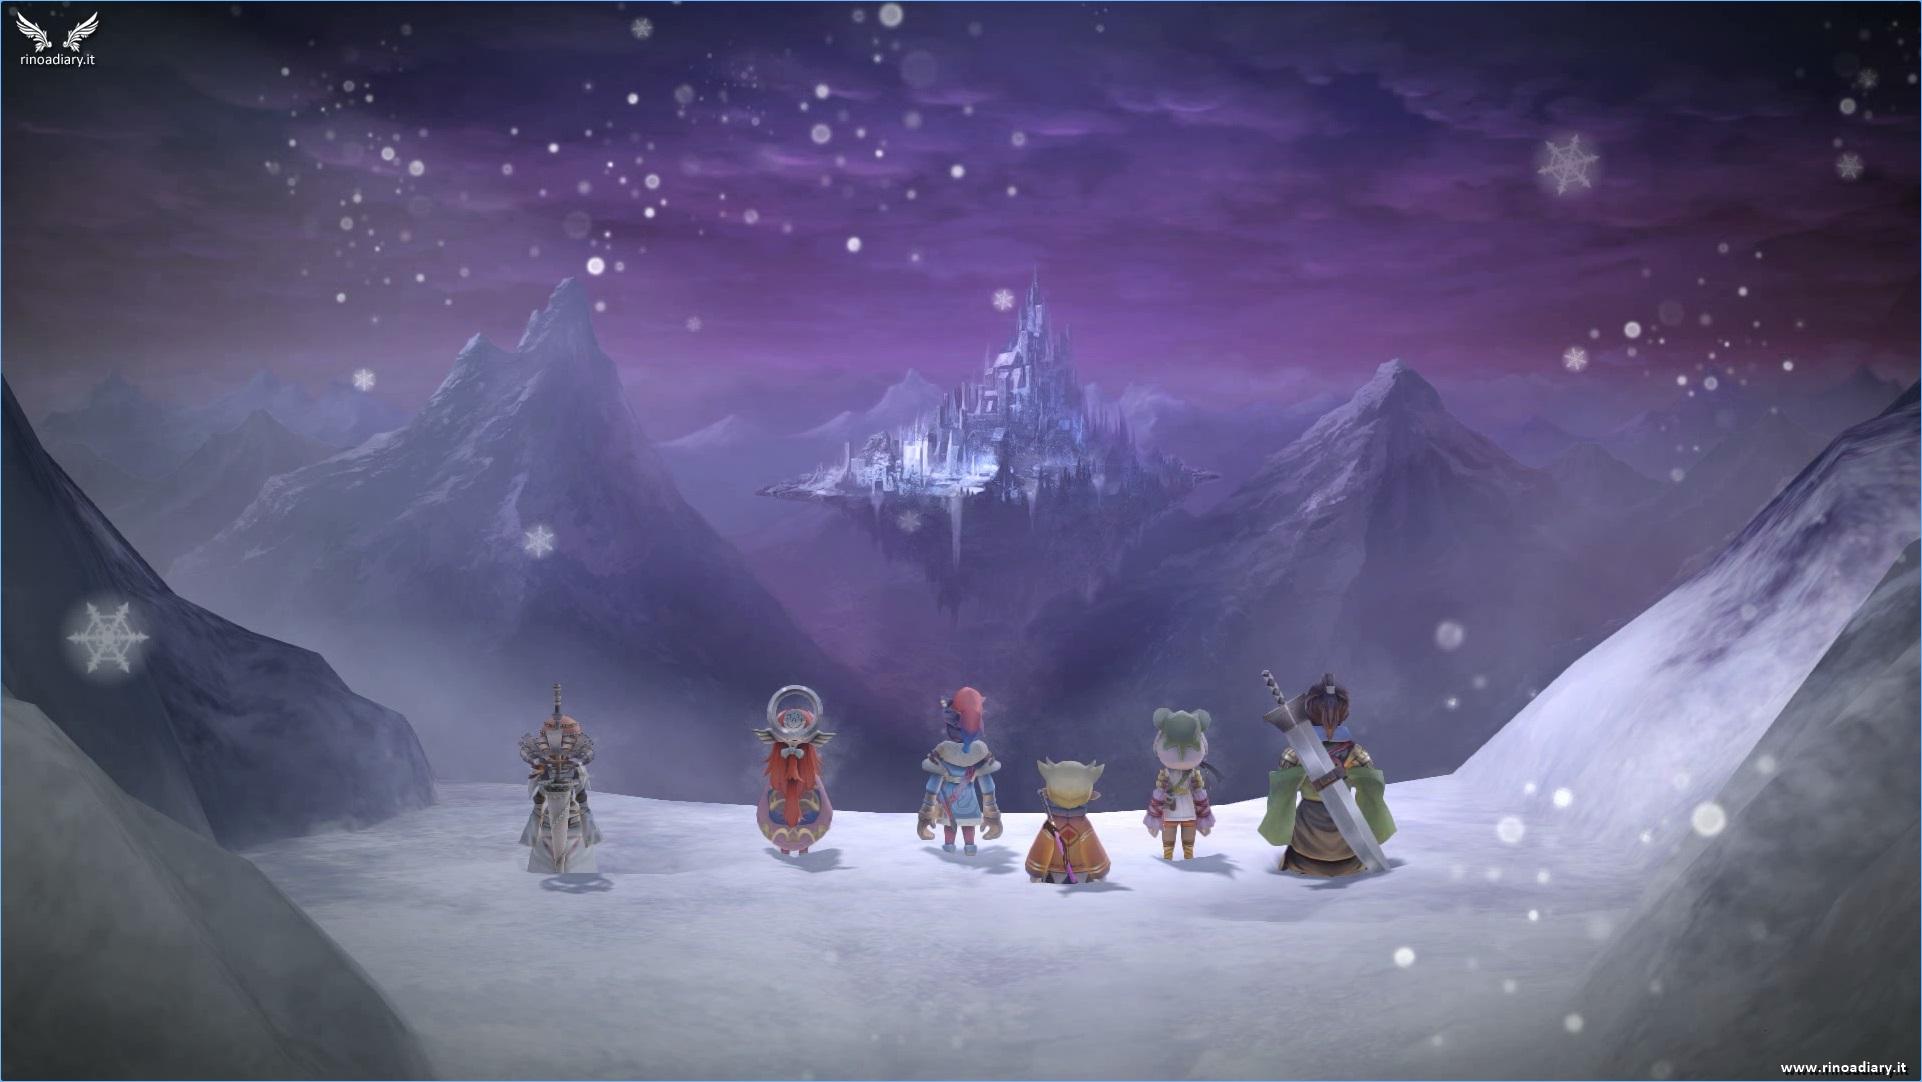 Temporal Battle Arena di I am Setsuna disponibile da oggi!